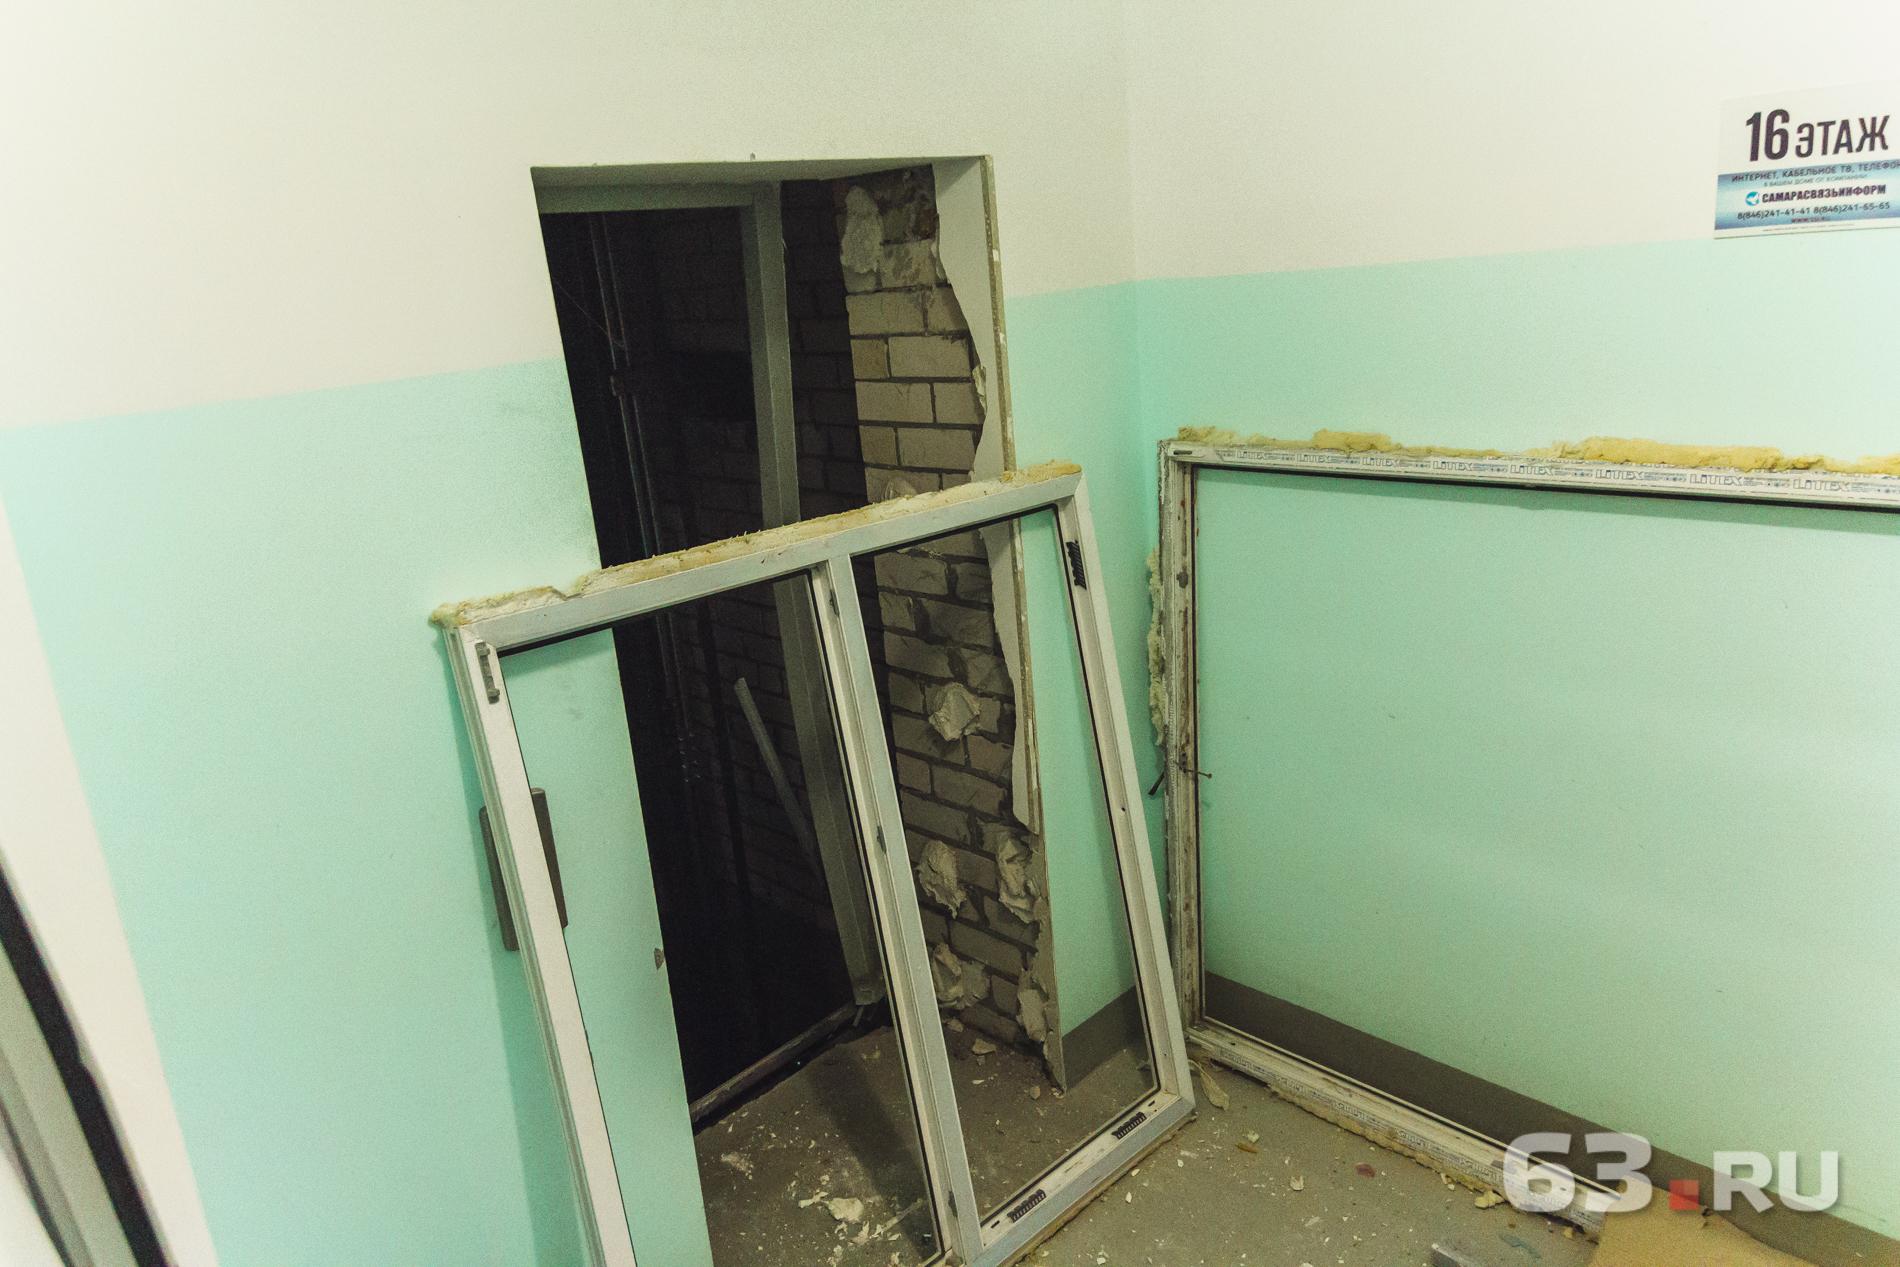 Створки лифта выбило взрывной волной